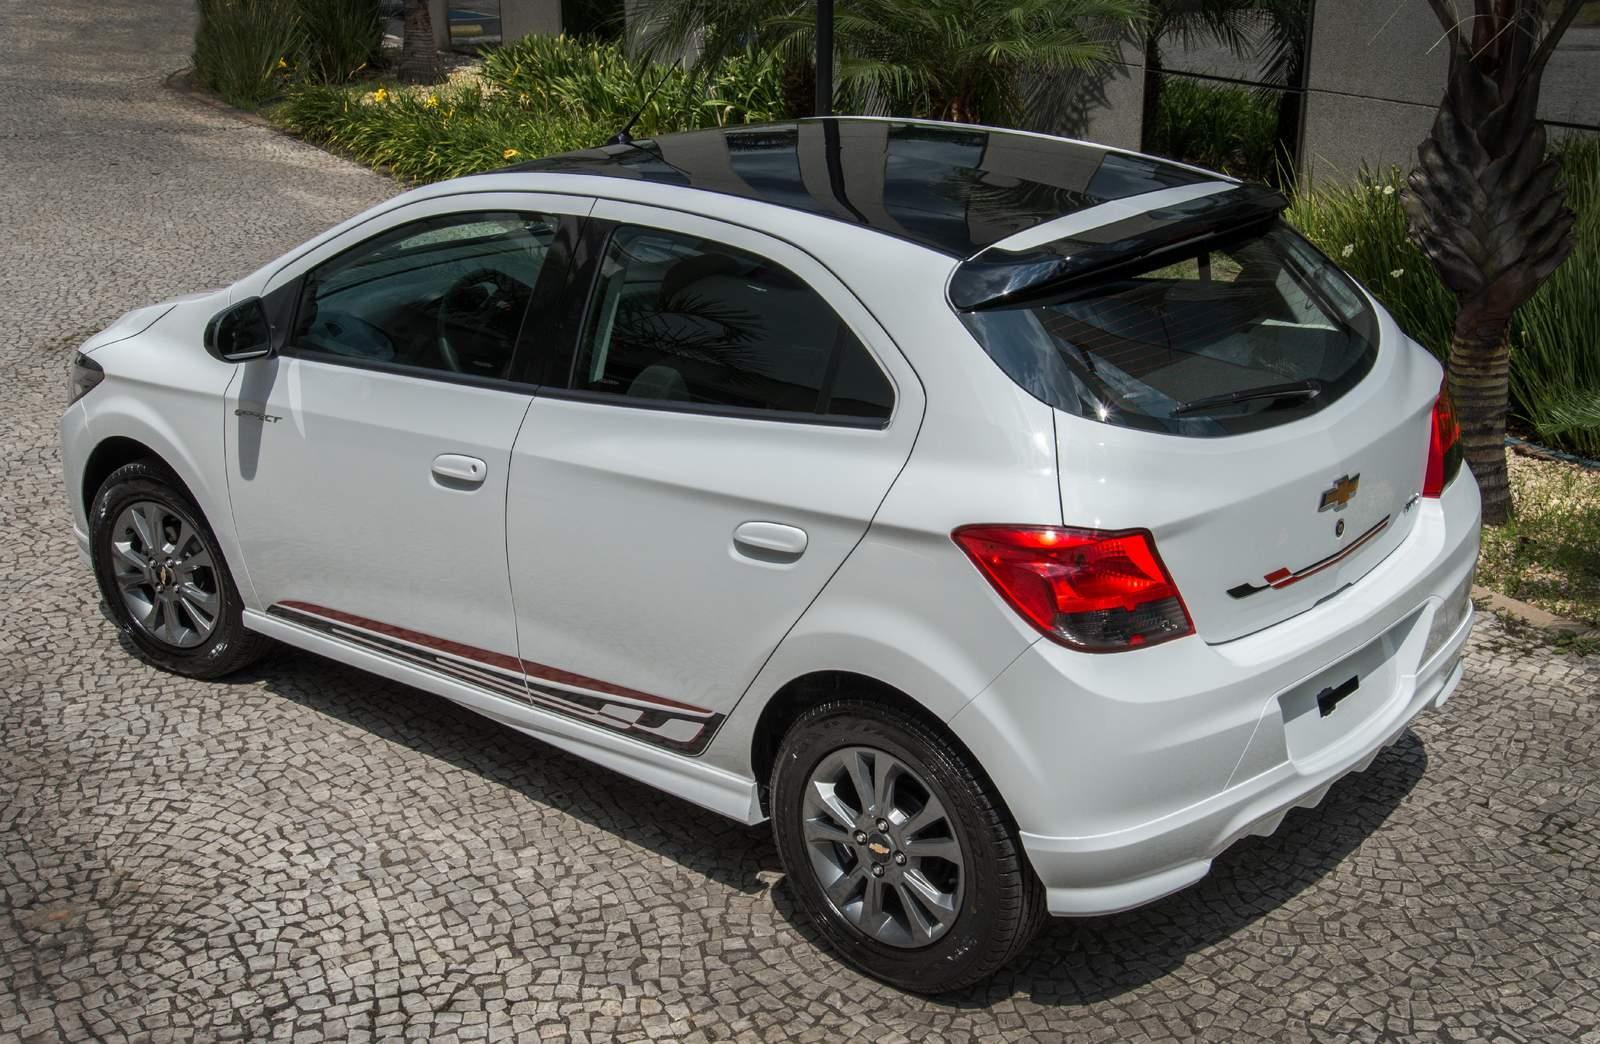 Chevrolet Onix 2015 - terceiro carro mais vendido do Brasil